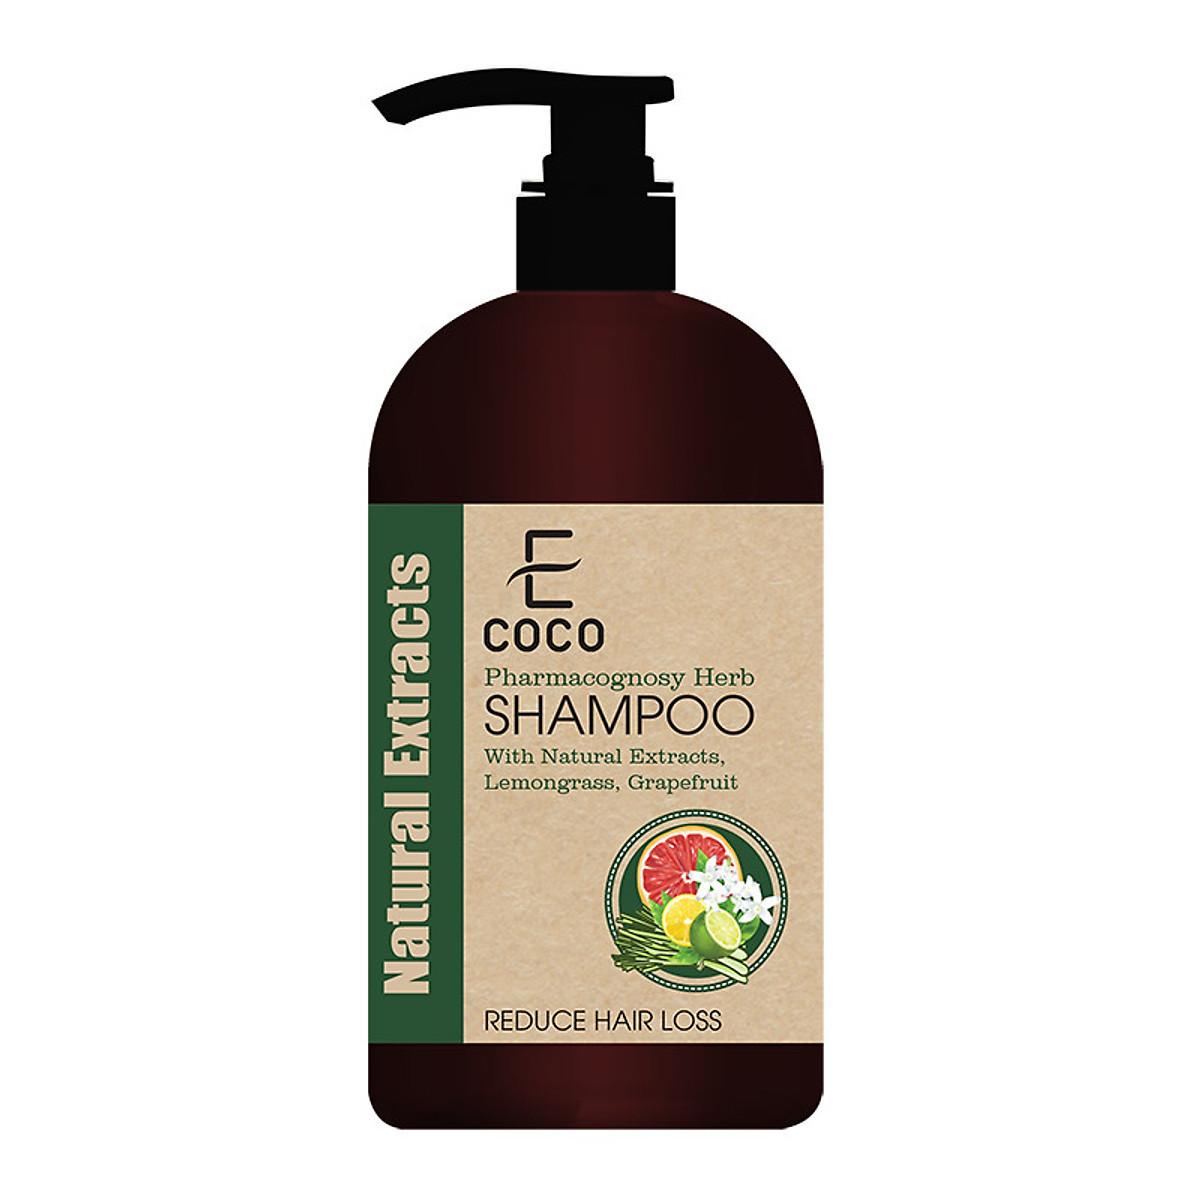 Dầu gội dược liệu điều trị rụng tóc Ecoco